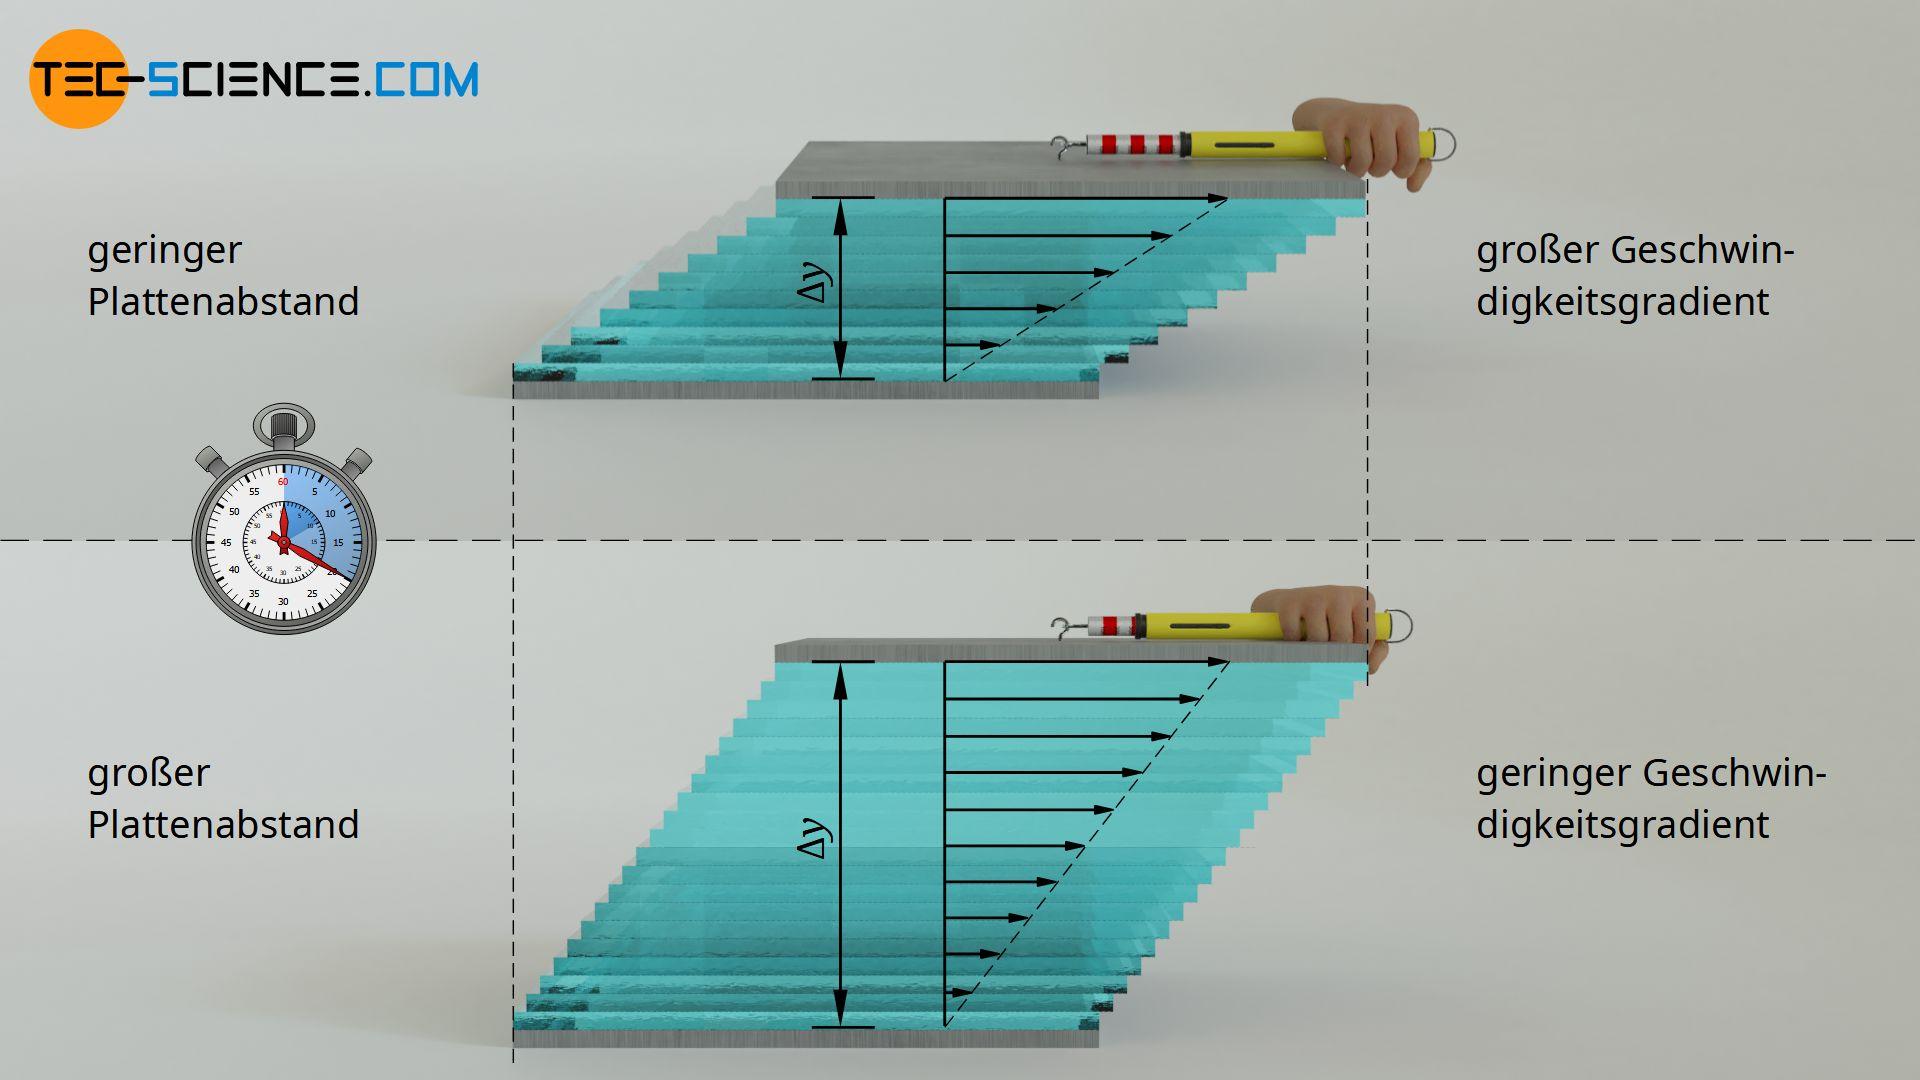 Einfluss des Plattenabstandes auf den Geschwindigkeitsgradienten